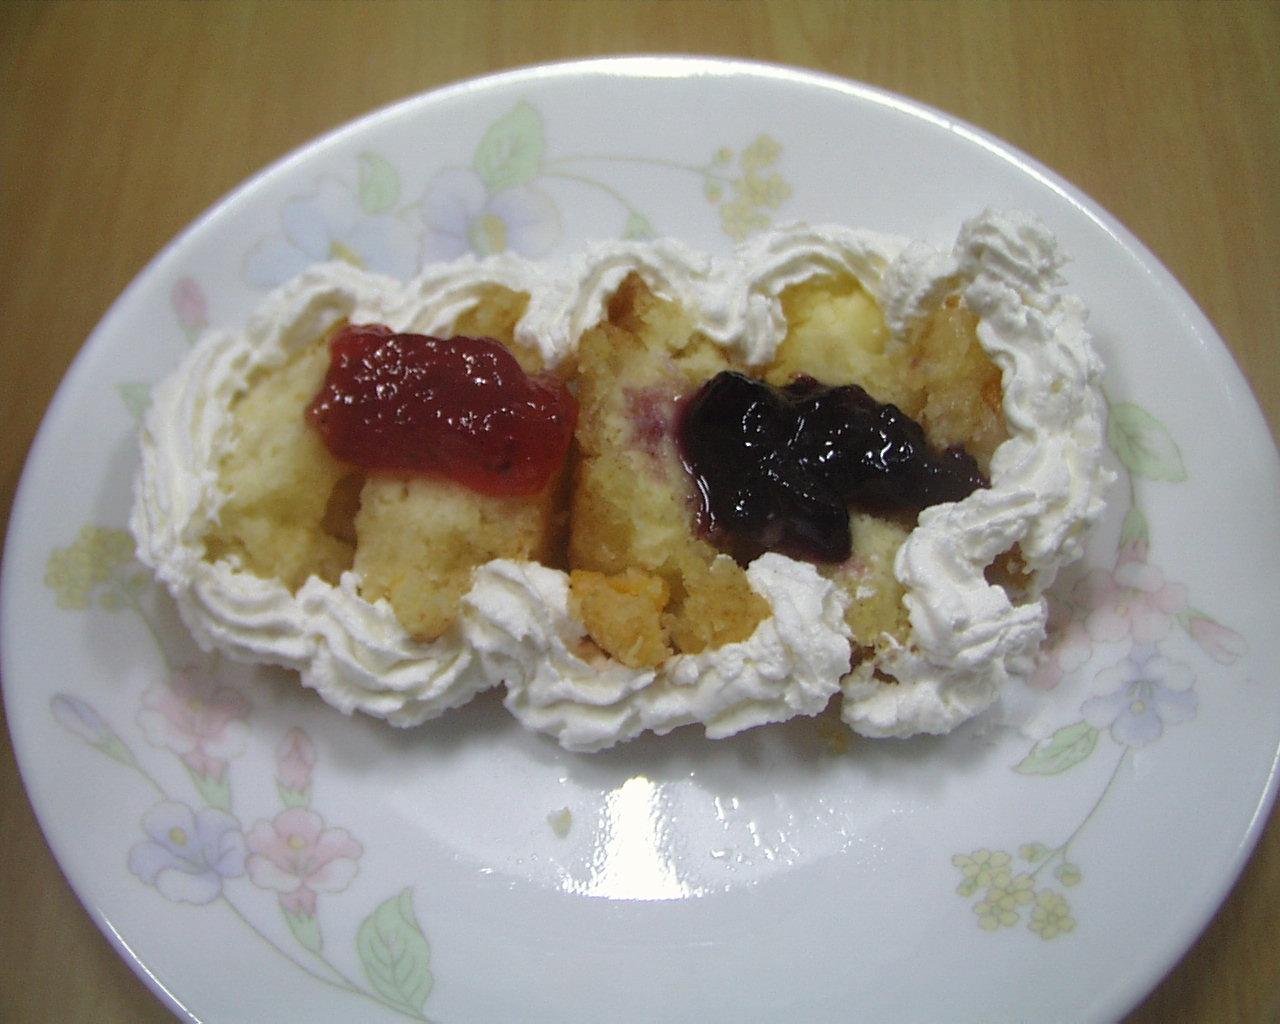 イチゴジャム、ブルーベリージャムフルーツケーキ